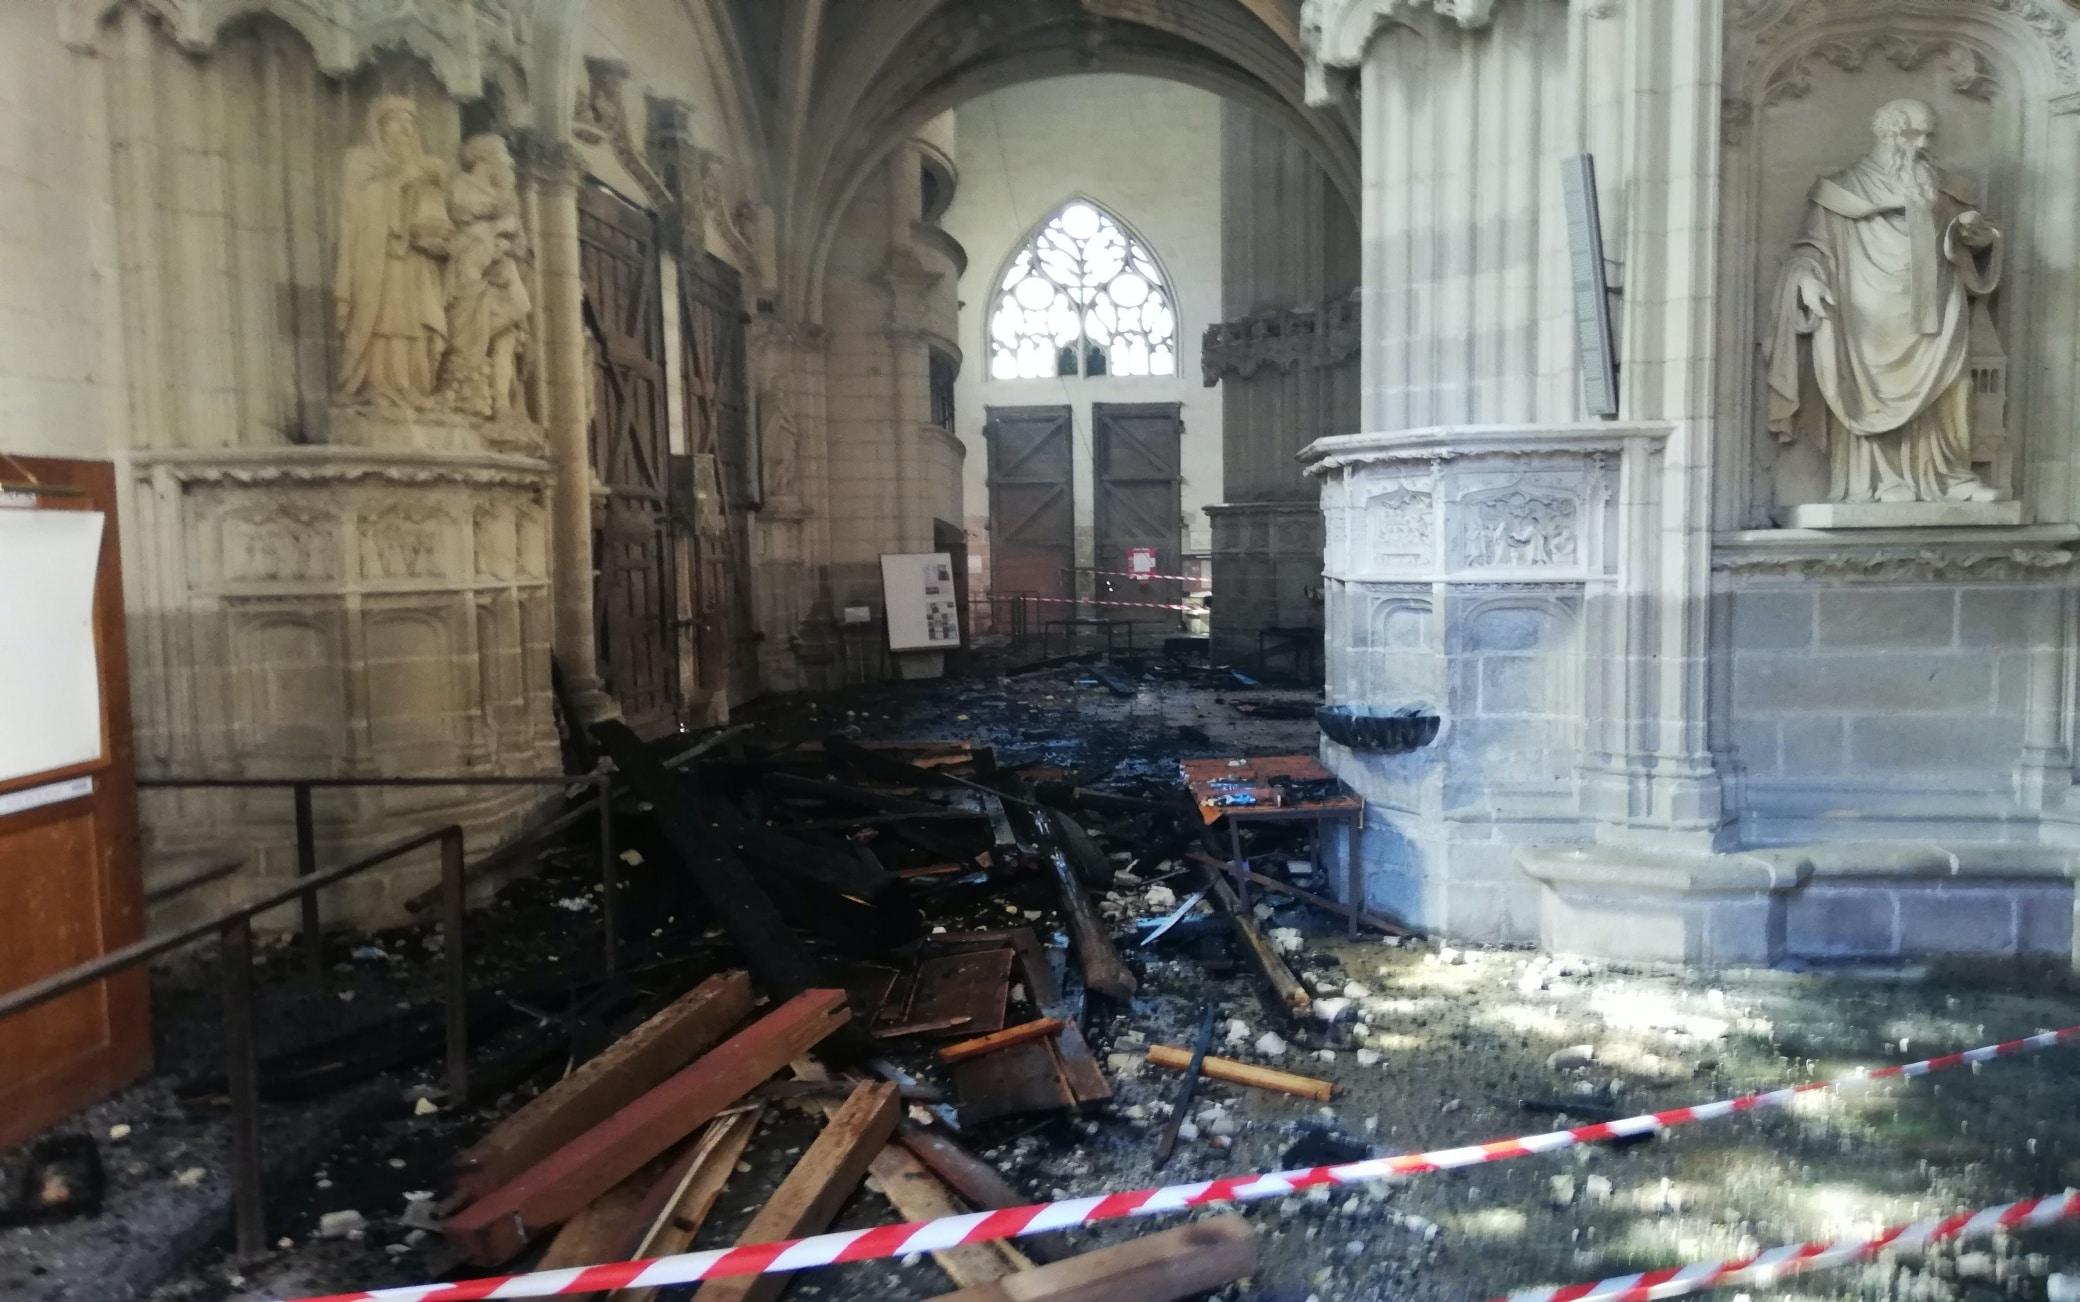 L'interno della cattedrale dopo l'incendio